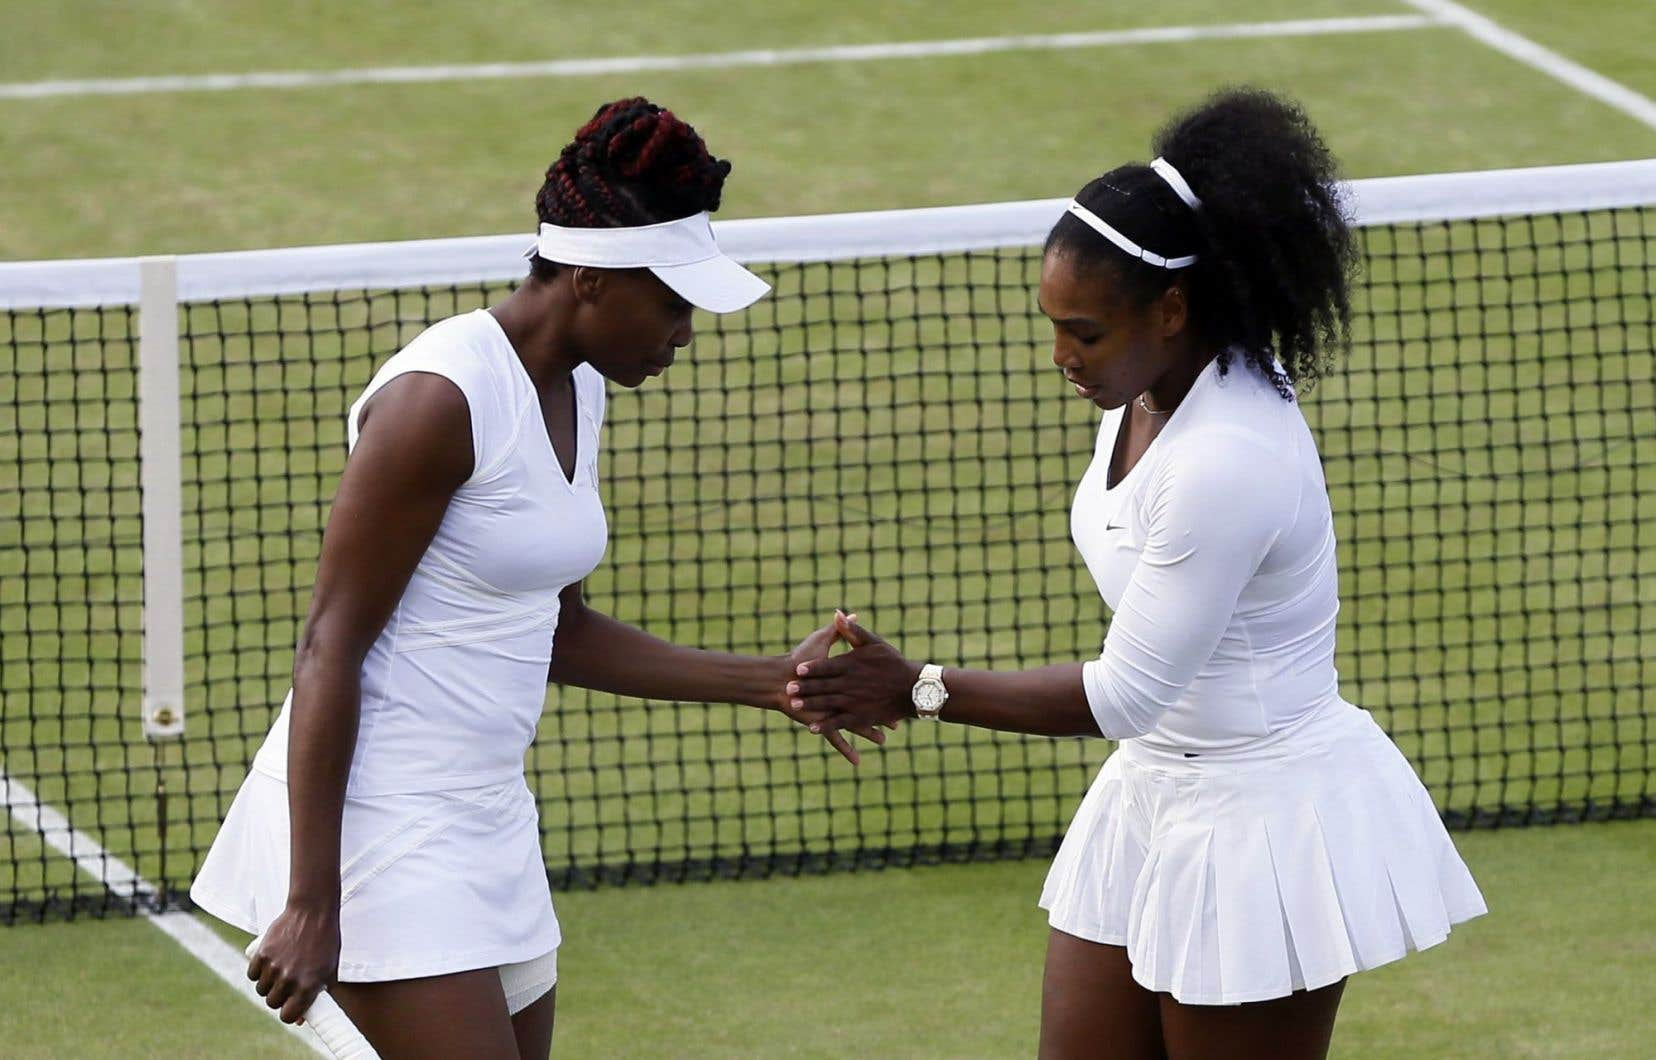 Les soeurs Venus et Serena Williams célèbrent un point marqué lors d'un match en double contreLucie Hradecka et Andrea Hlavackova, mardi.